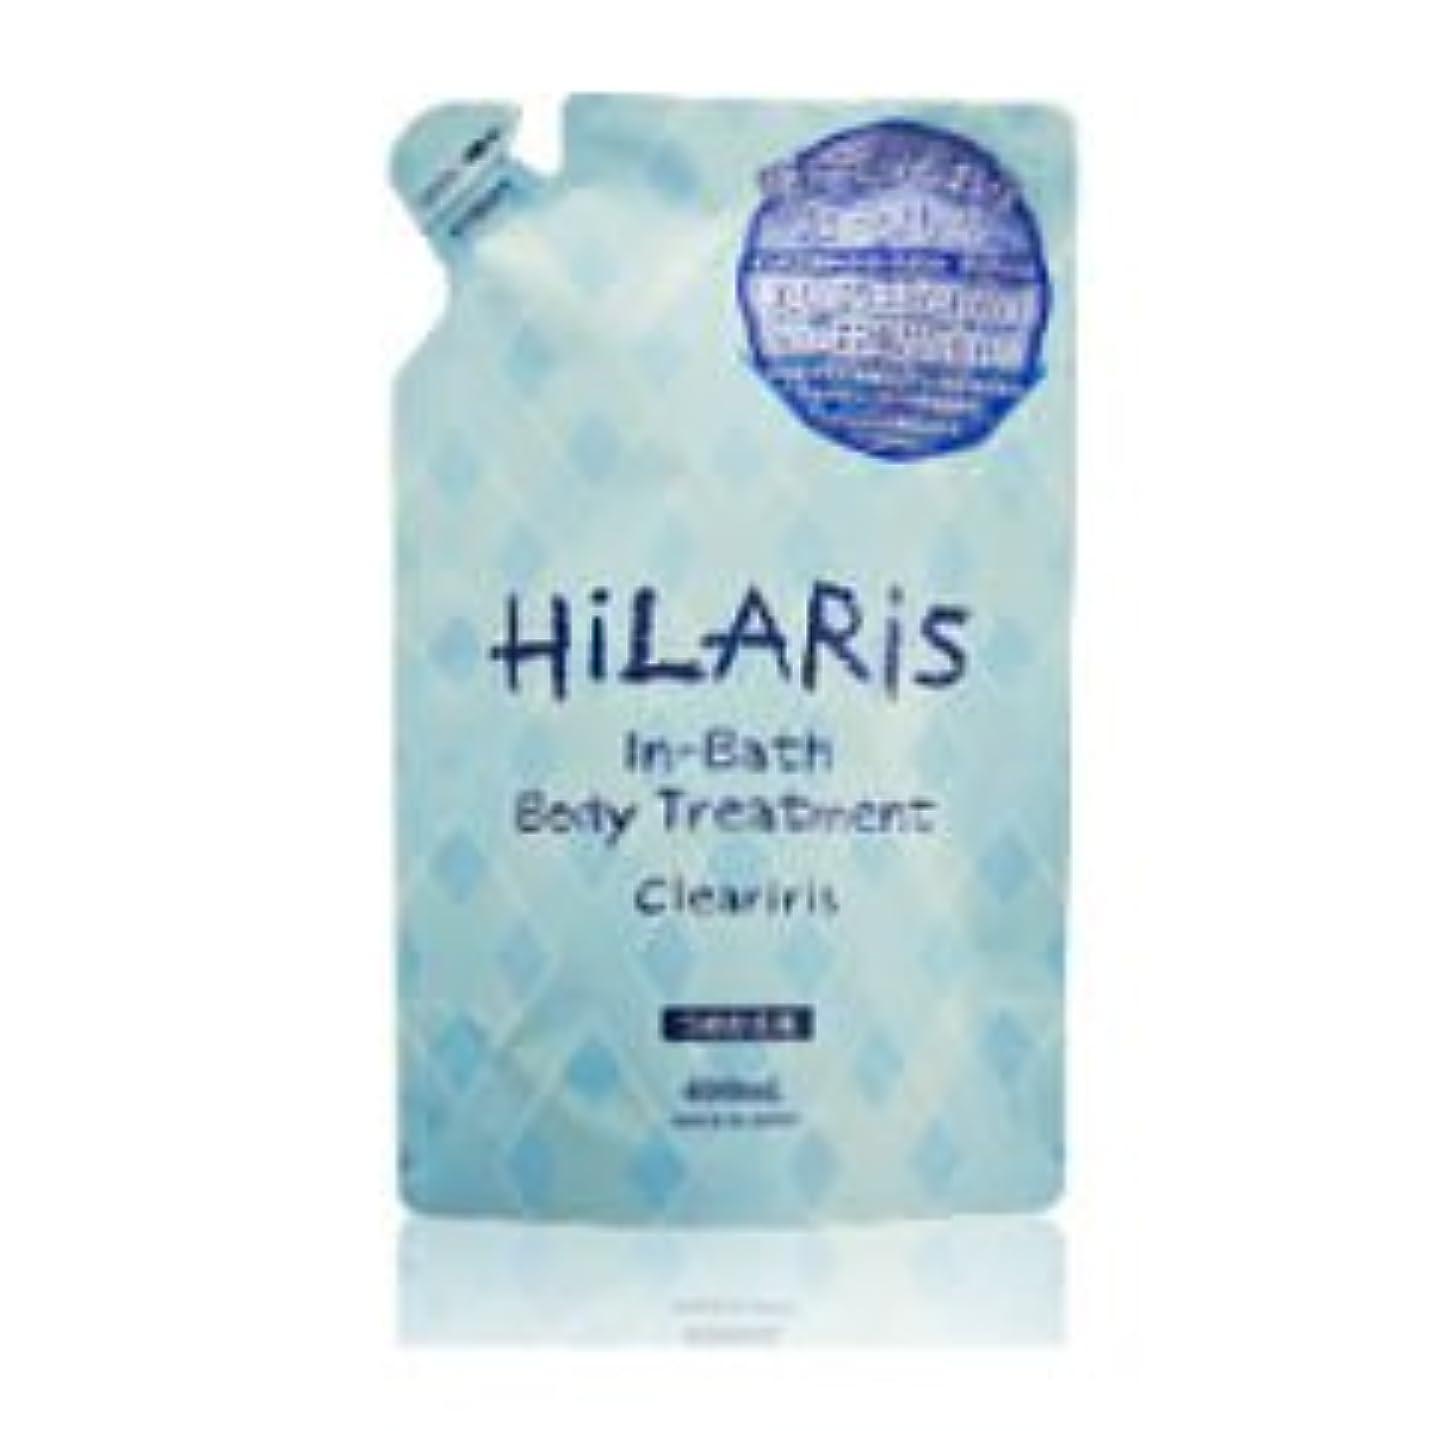 お風呂ヒロイックスプレーヒラリス(HiLARiS)クリアイリスインバスボディトリートメント詰替